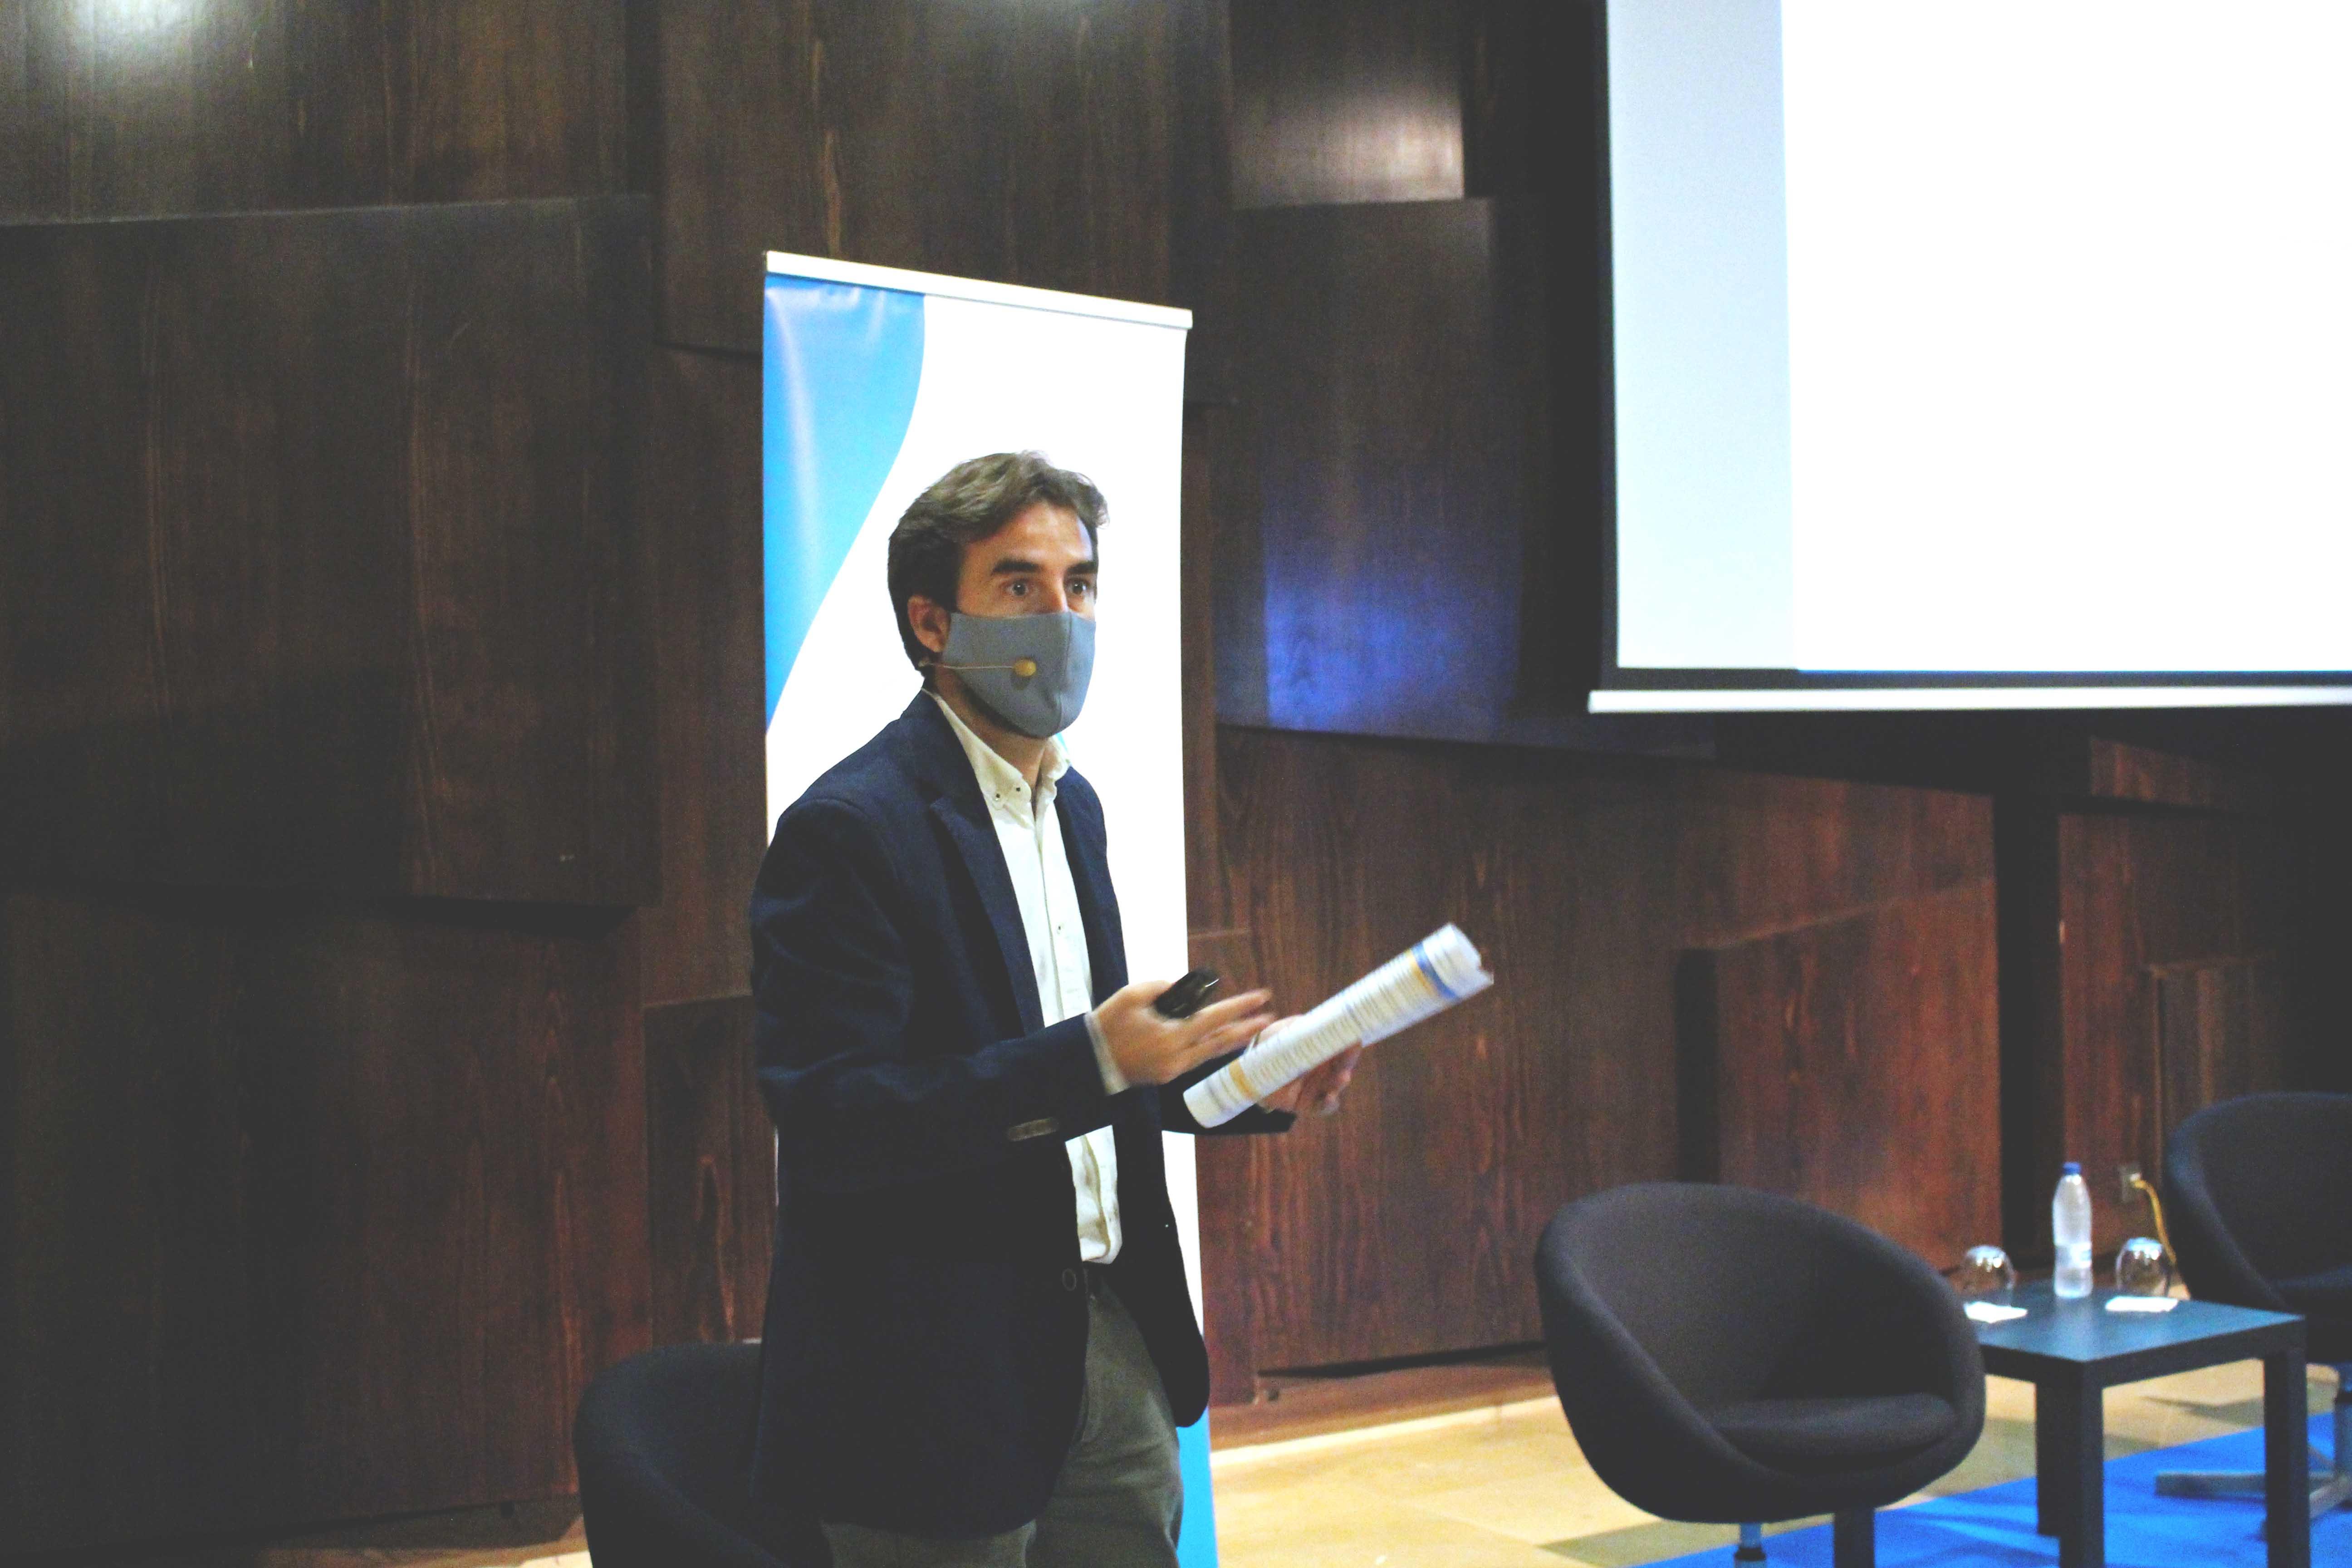 Presentación Rafael Casielles (Bioazul)